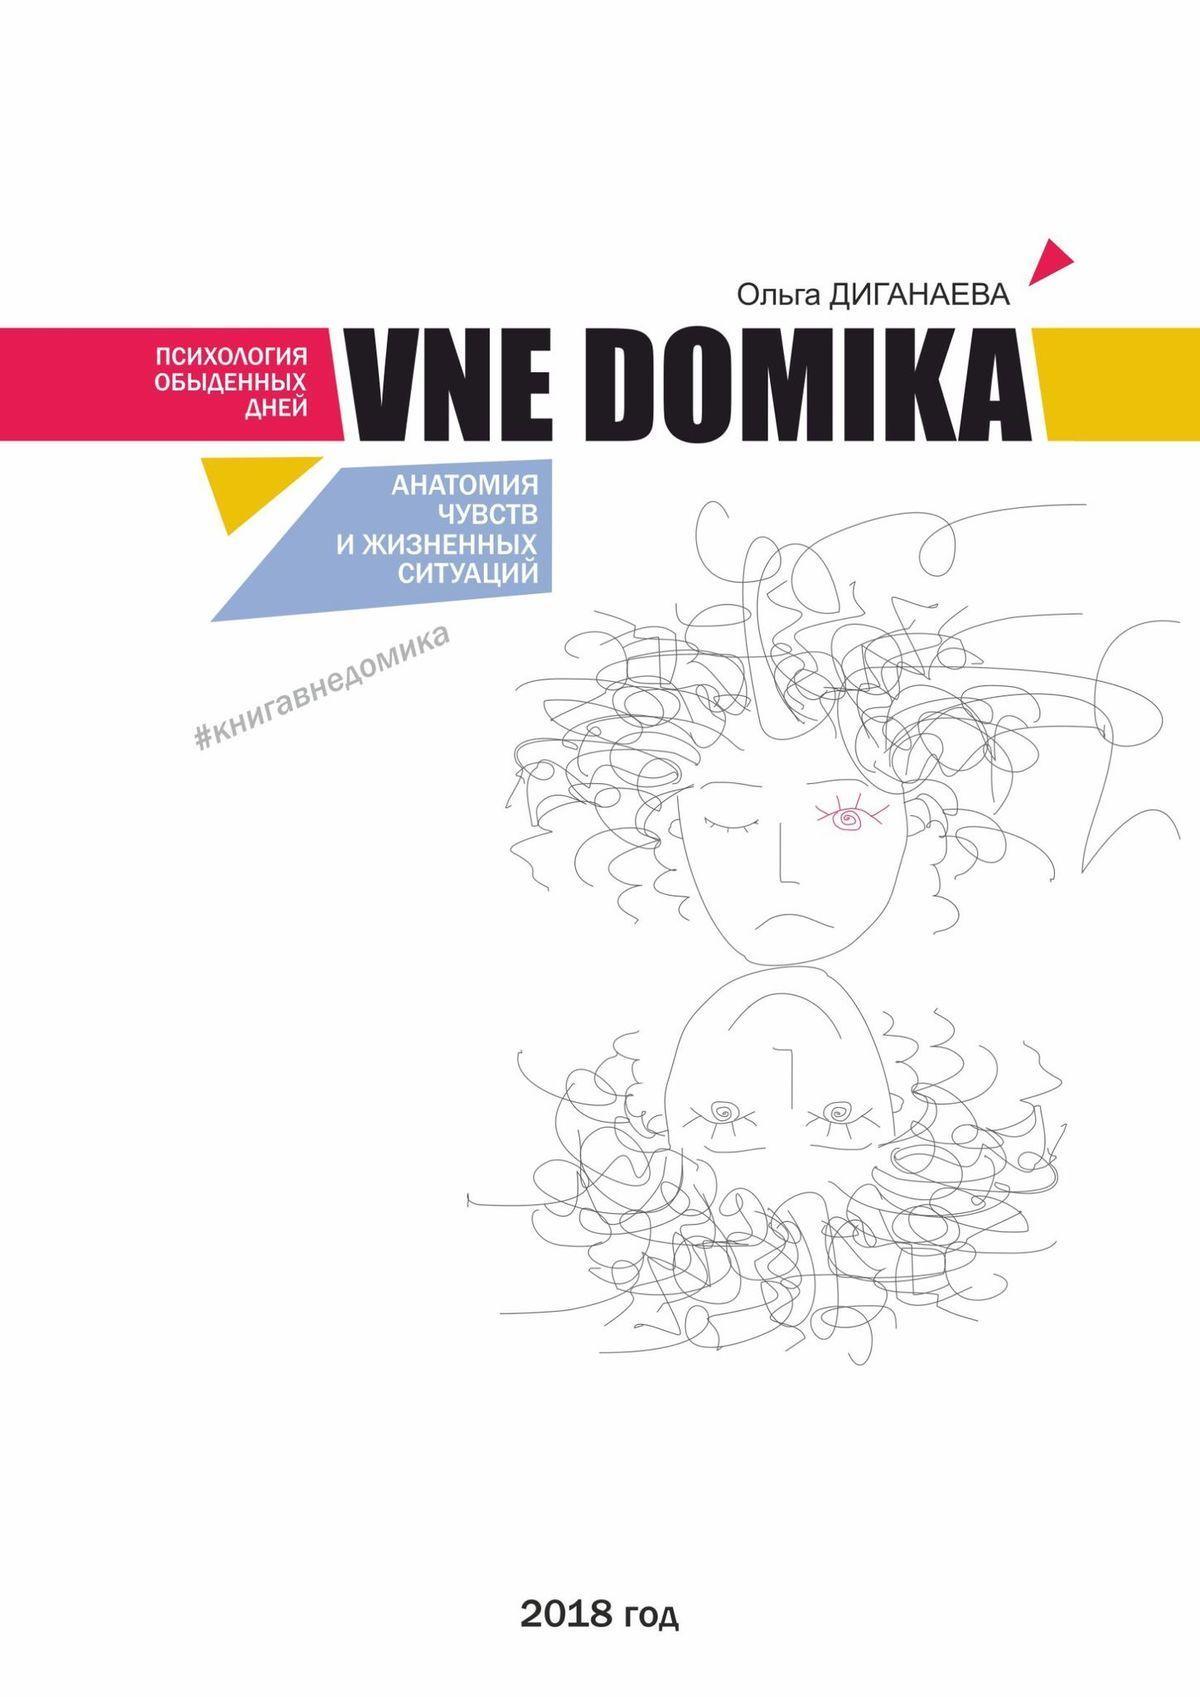 Ольга Диганаева - VNE DOMIKA. Анатомия чувств и жизненных ситуаций